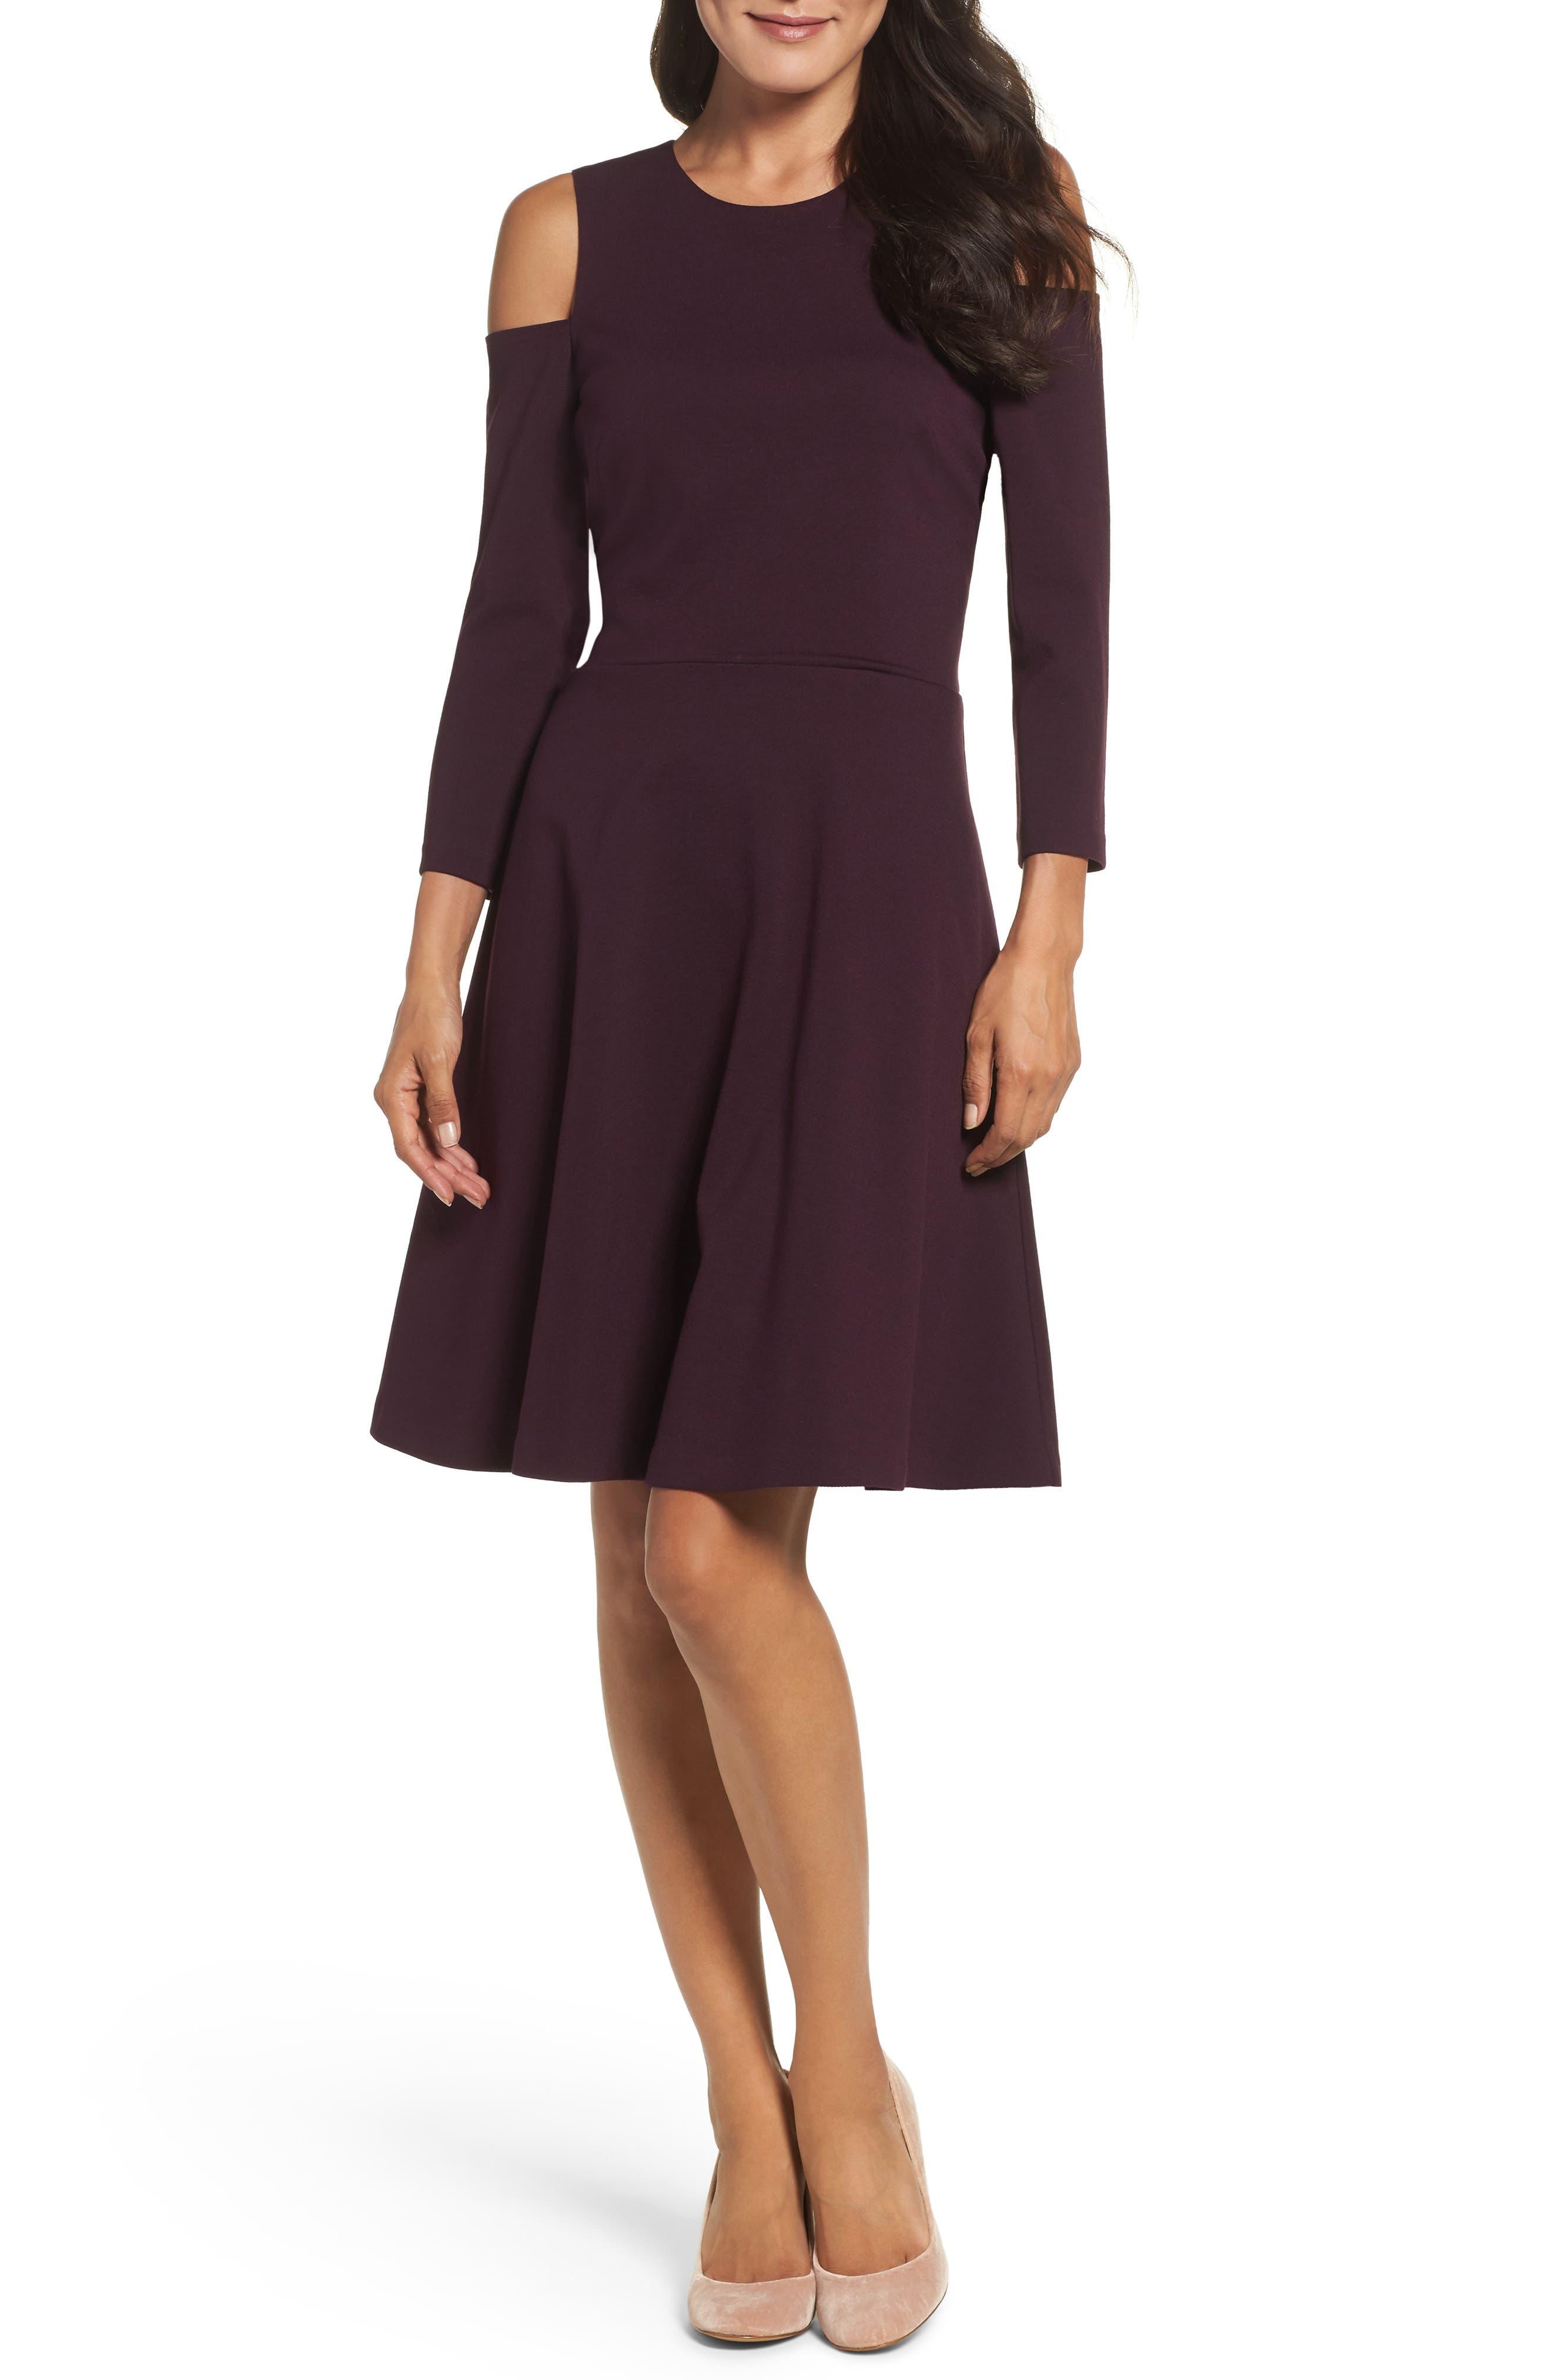 Alternate Image 1 Selected - Eliza J Cold Shoulder Fit & Flare Dress (Regular & Petite)